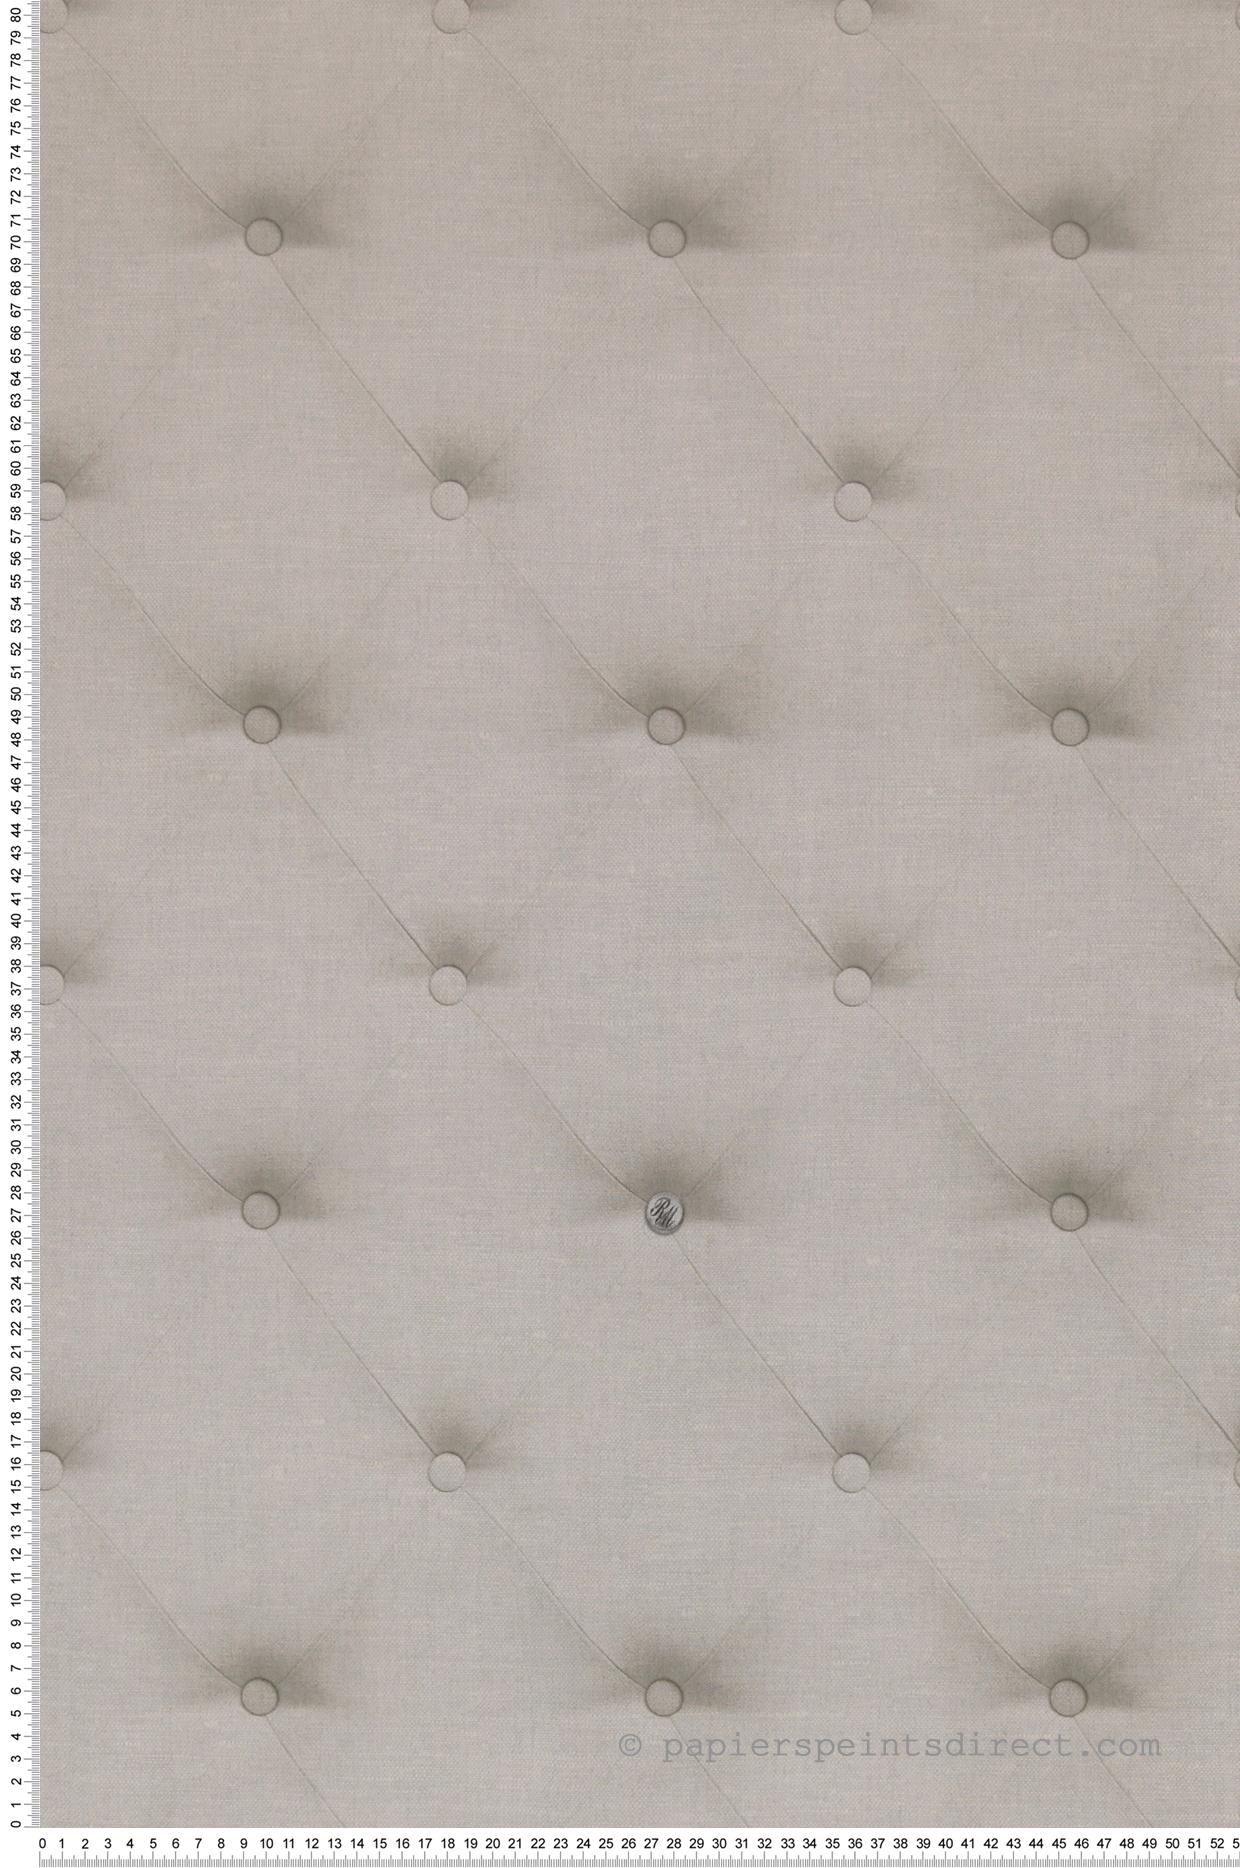 Papier Peint Capitonné Gris capitons beige clair - collection rivièra maison de montécolino